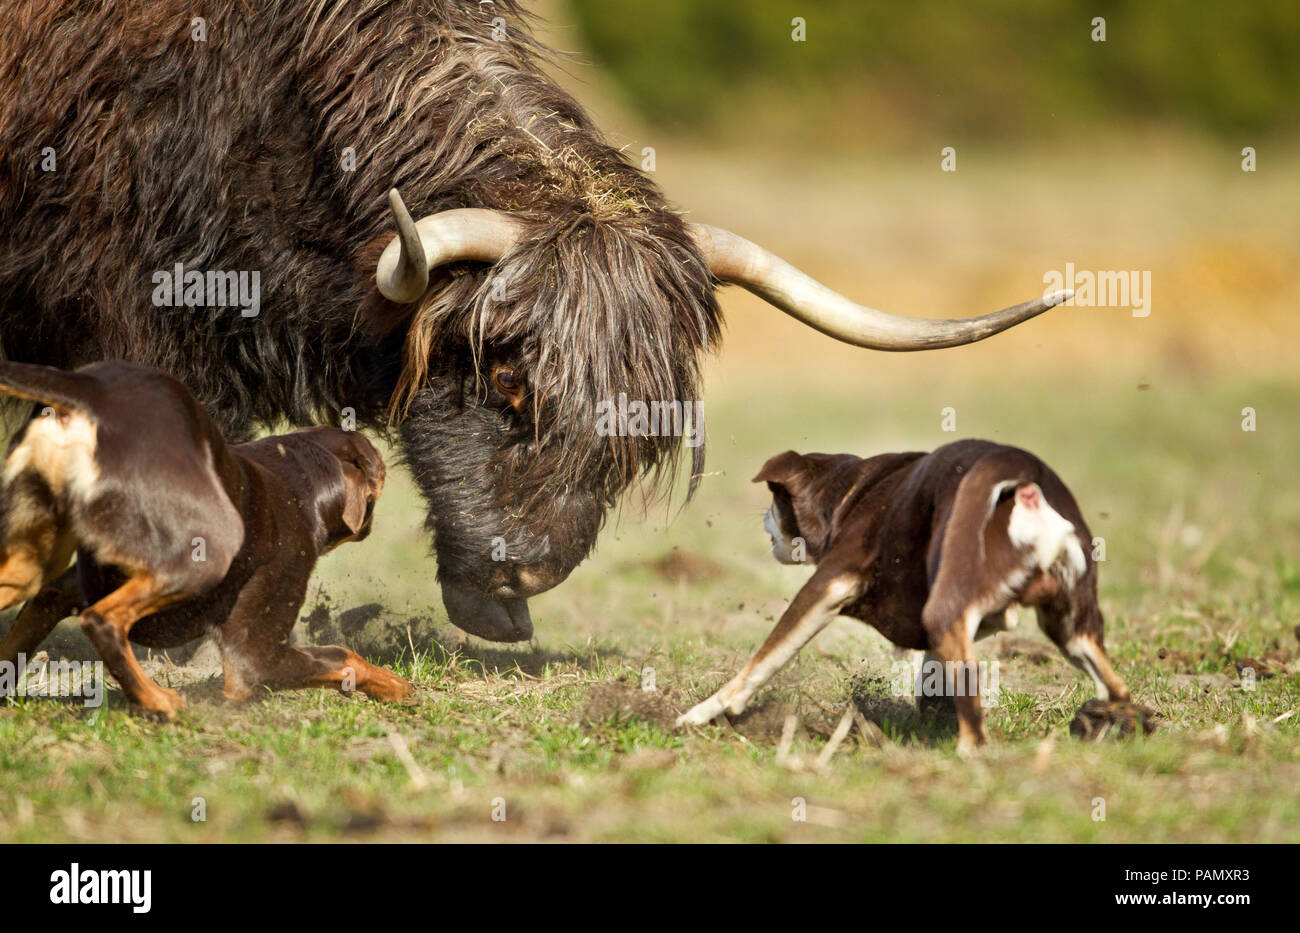 Trabajar Kelpie australiano. Dos perros adultos pastorean ganado (Highland ganado ?). Baja Sajonia, Alemania. Foto de stock